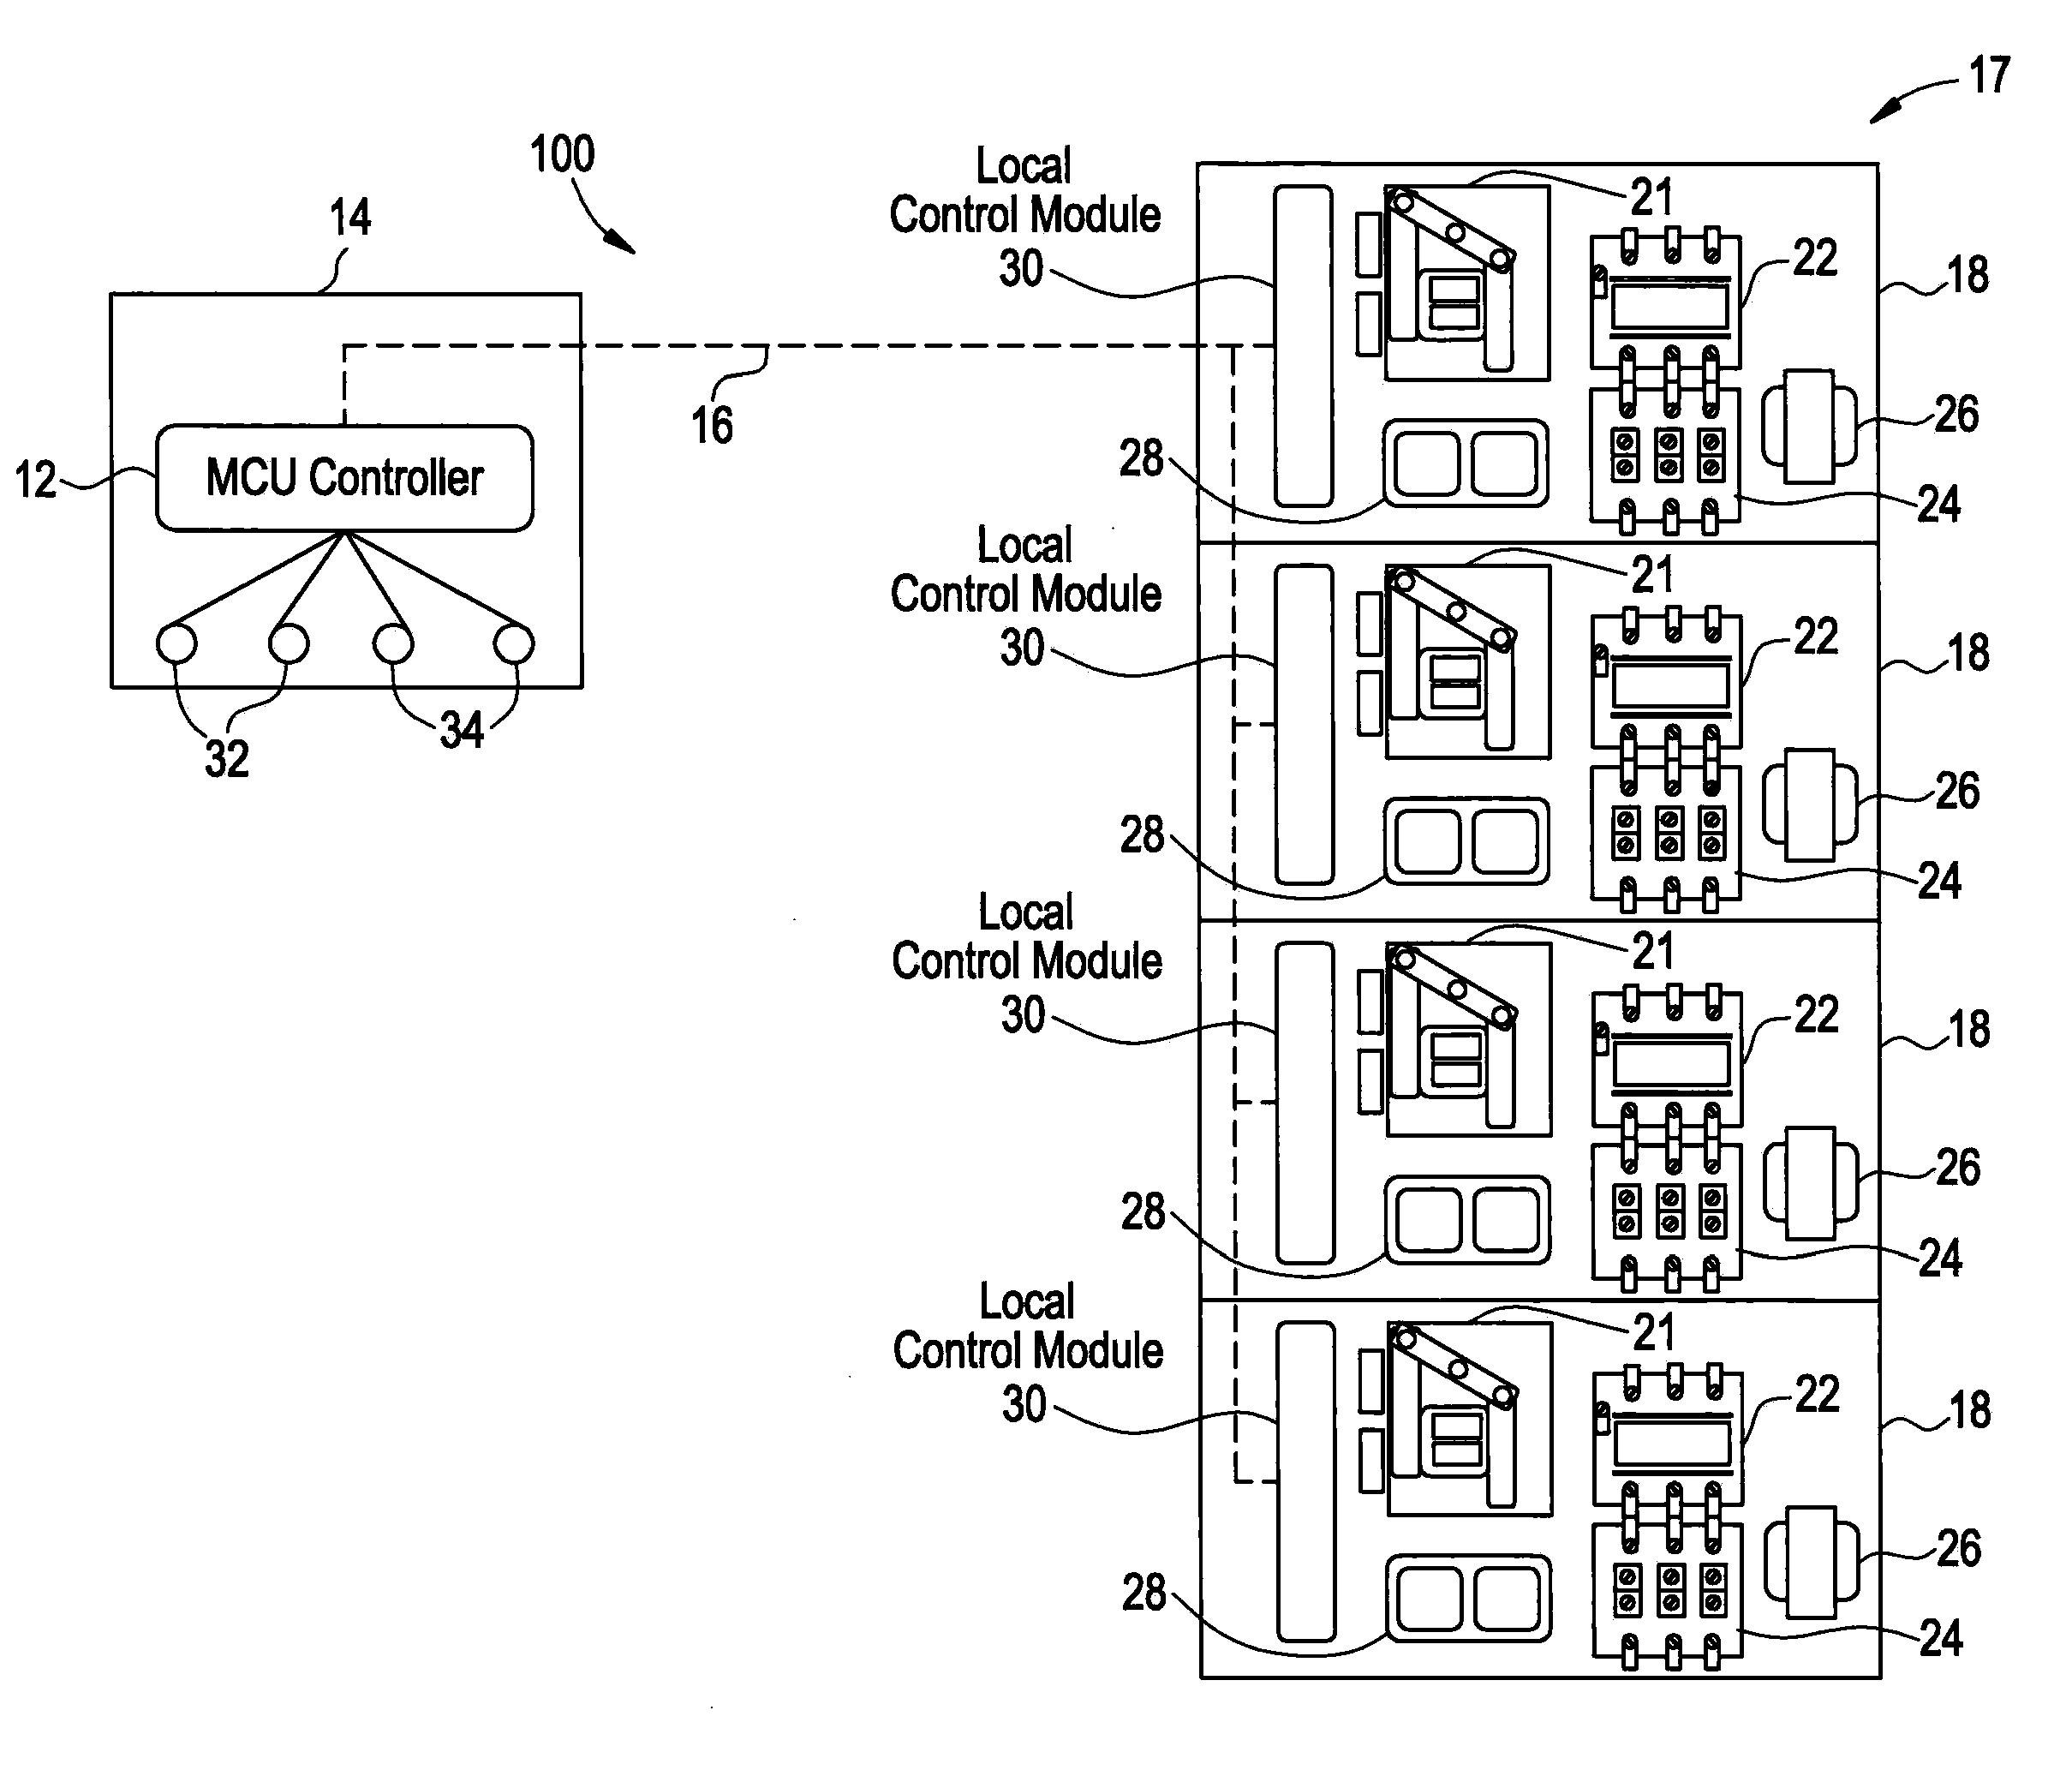 allen bradley 509 bod wiring diagram Collection-ab motor starter wiring diagram valid motor starter wiring diagram rh gidn co Square D Motor 3-c